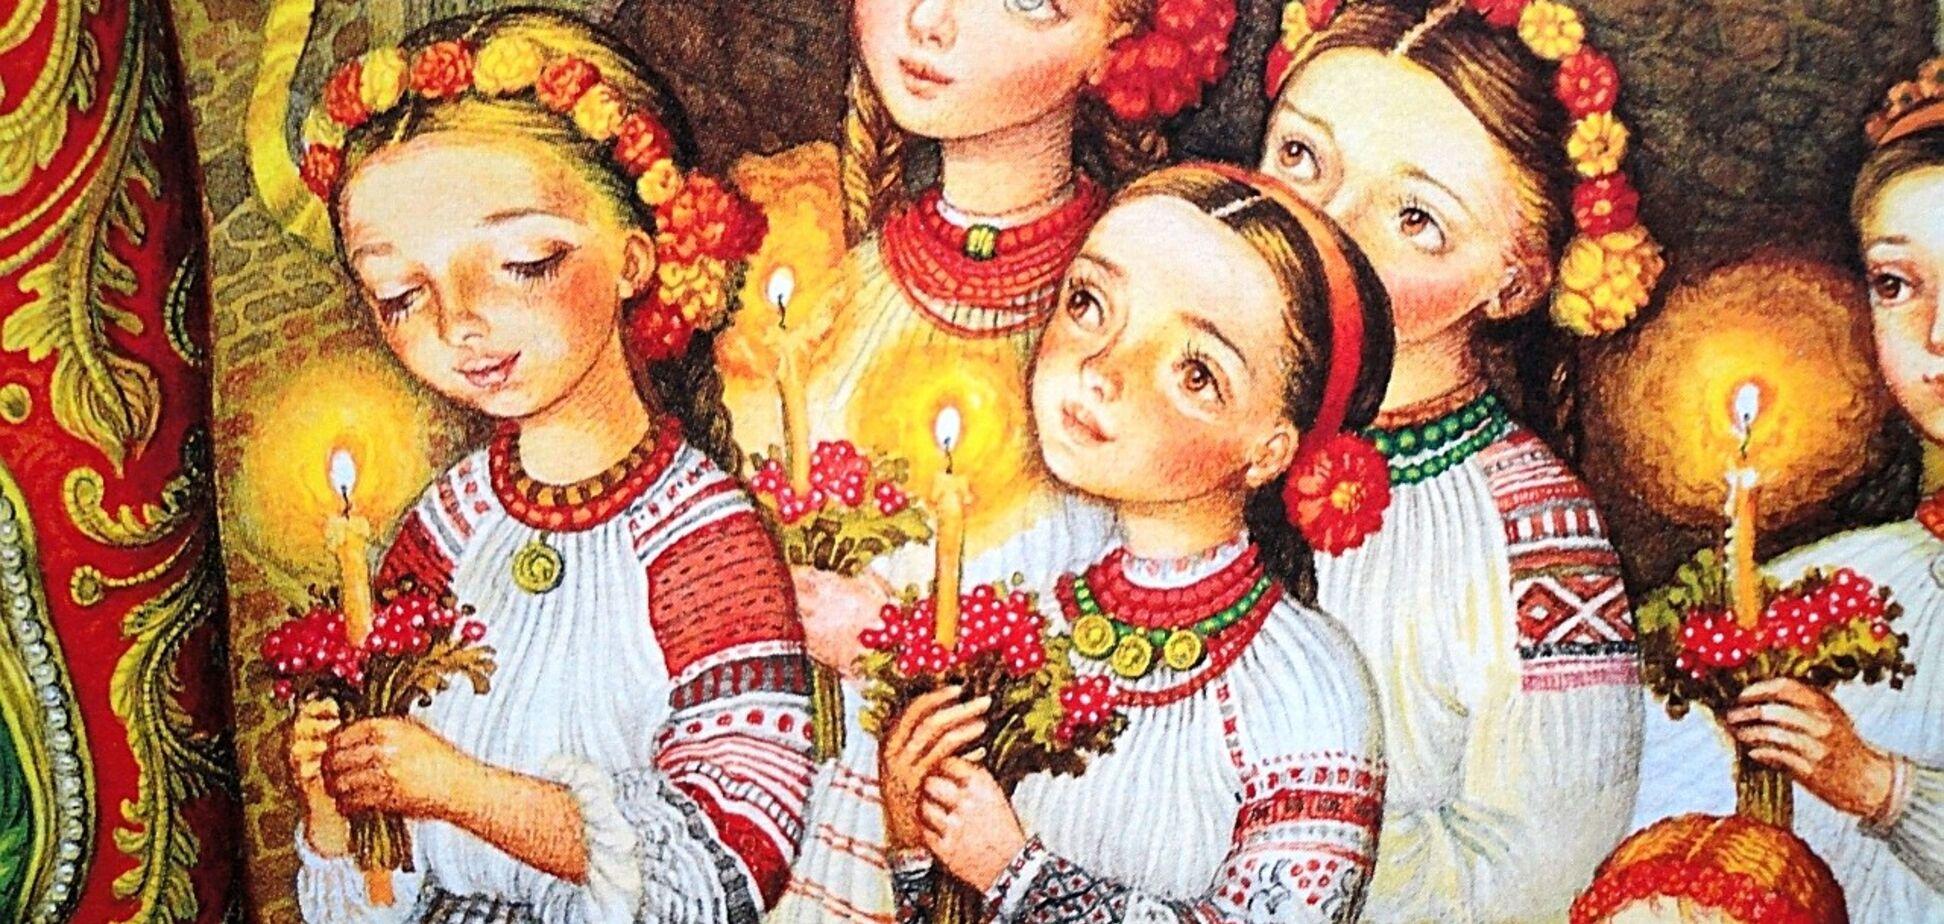 Сегодня на Третью Пречистую начинаются Дни женской Доли